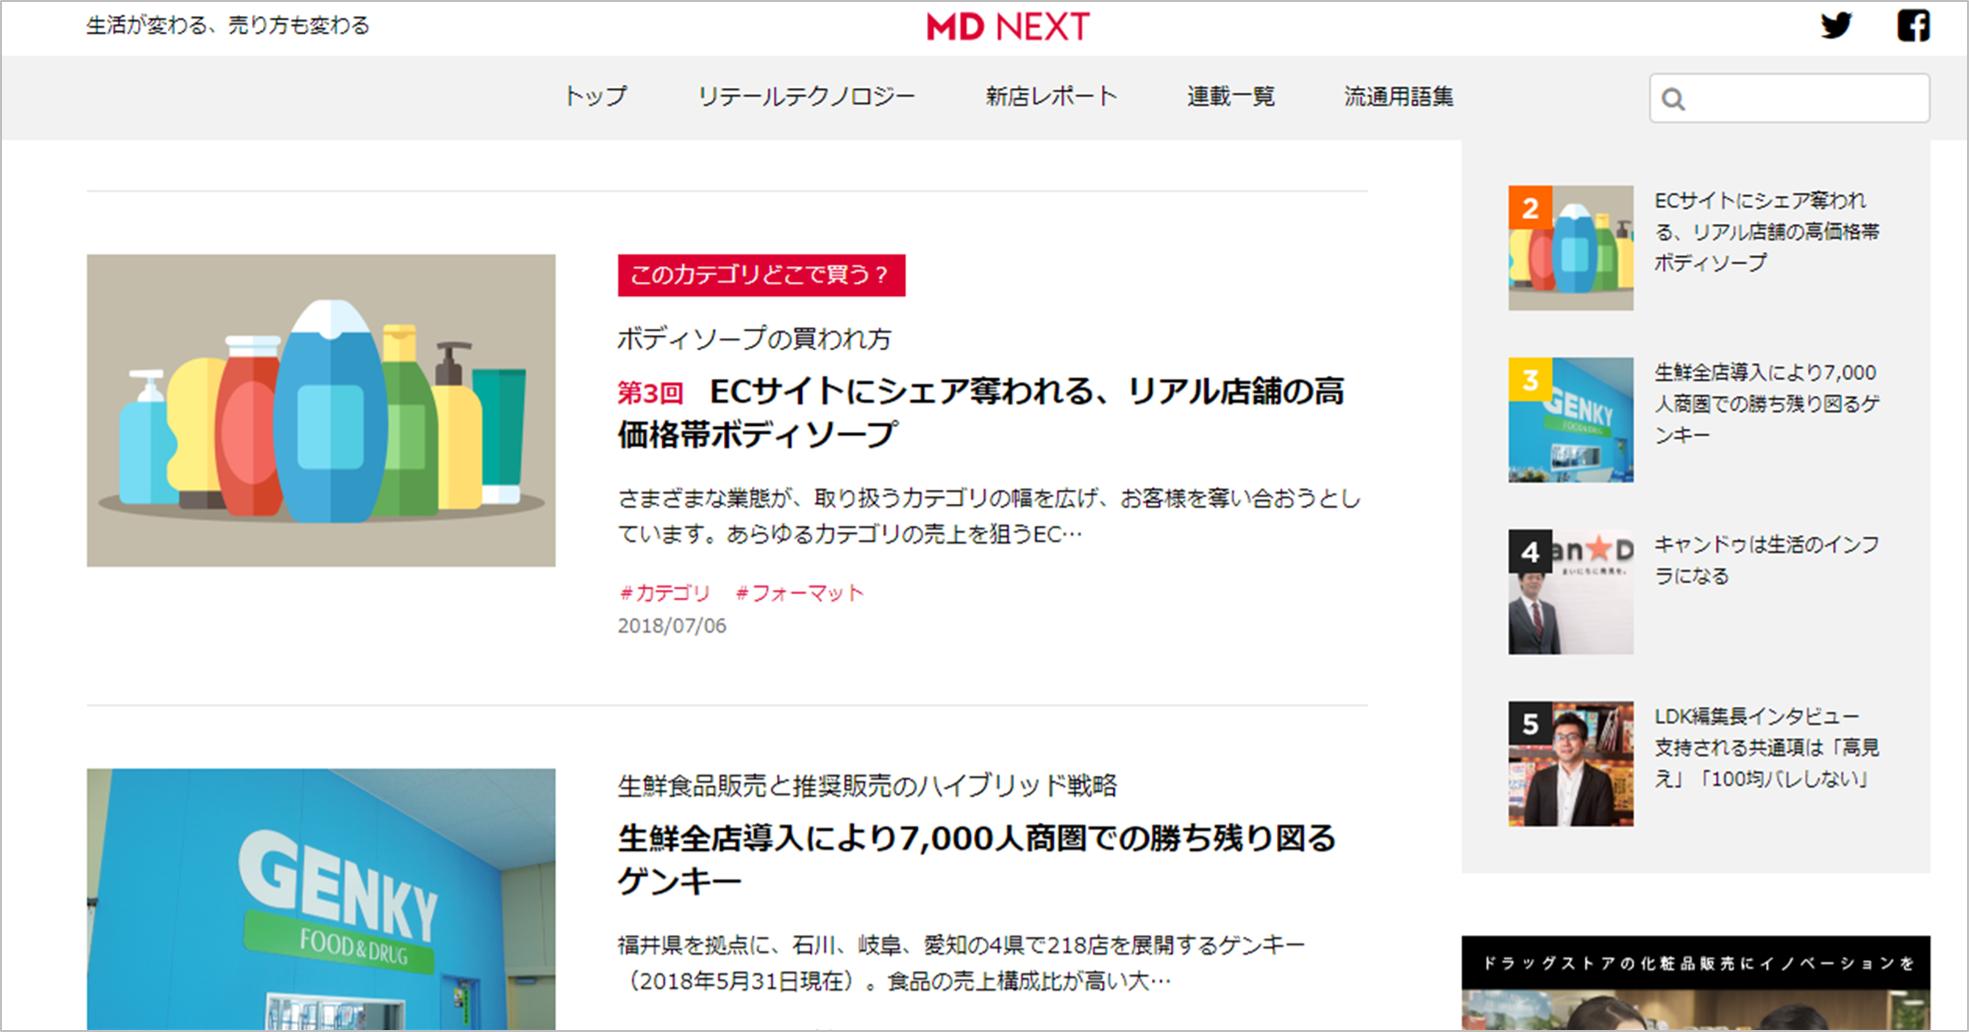 [メディア掲載]MD NEXT連載「このカテゴリどこで買う?」ECサイトにシェア奪われる、リアル店舗の高価格帯ボディソープ